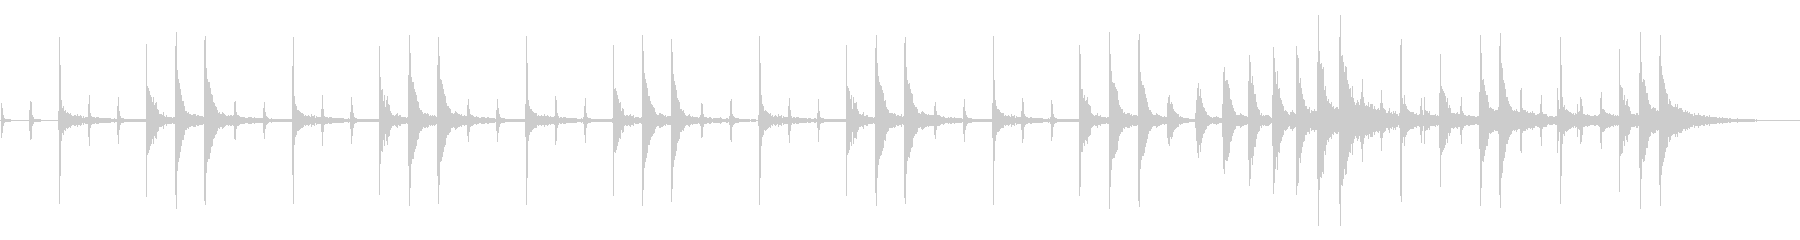 ブエノス・ディアス、遅いテンポから...の未再生の波形